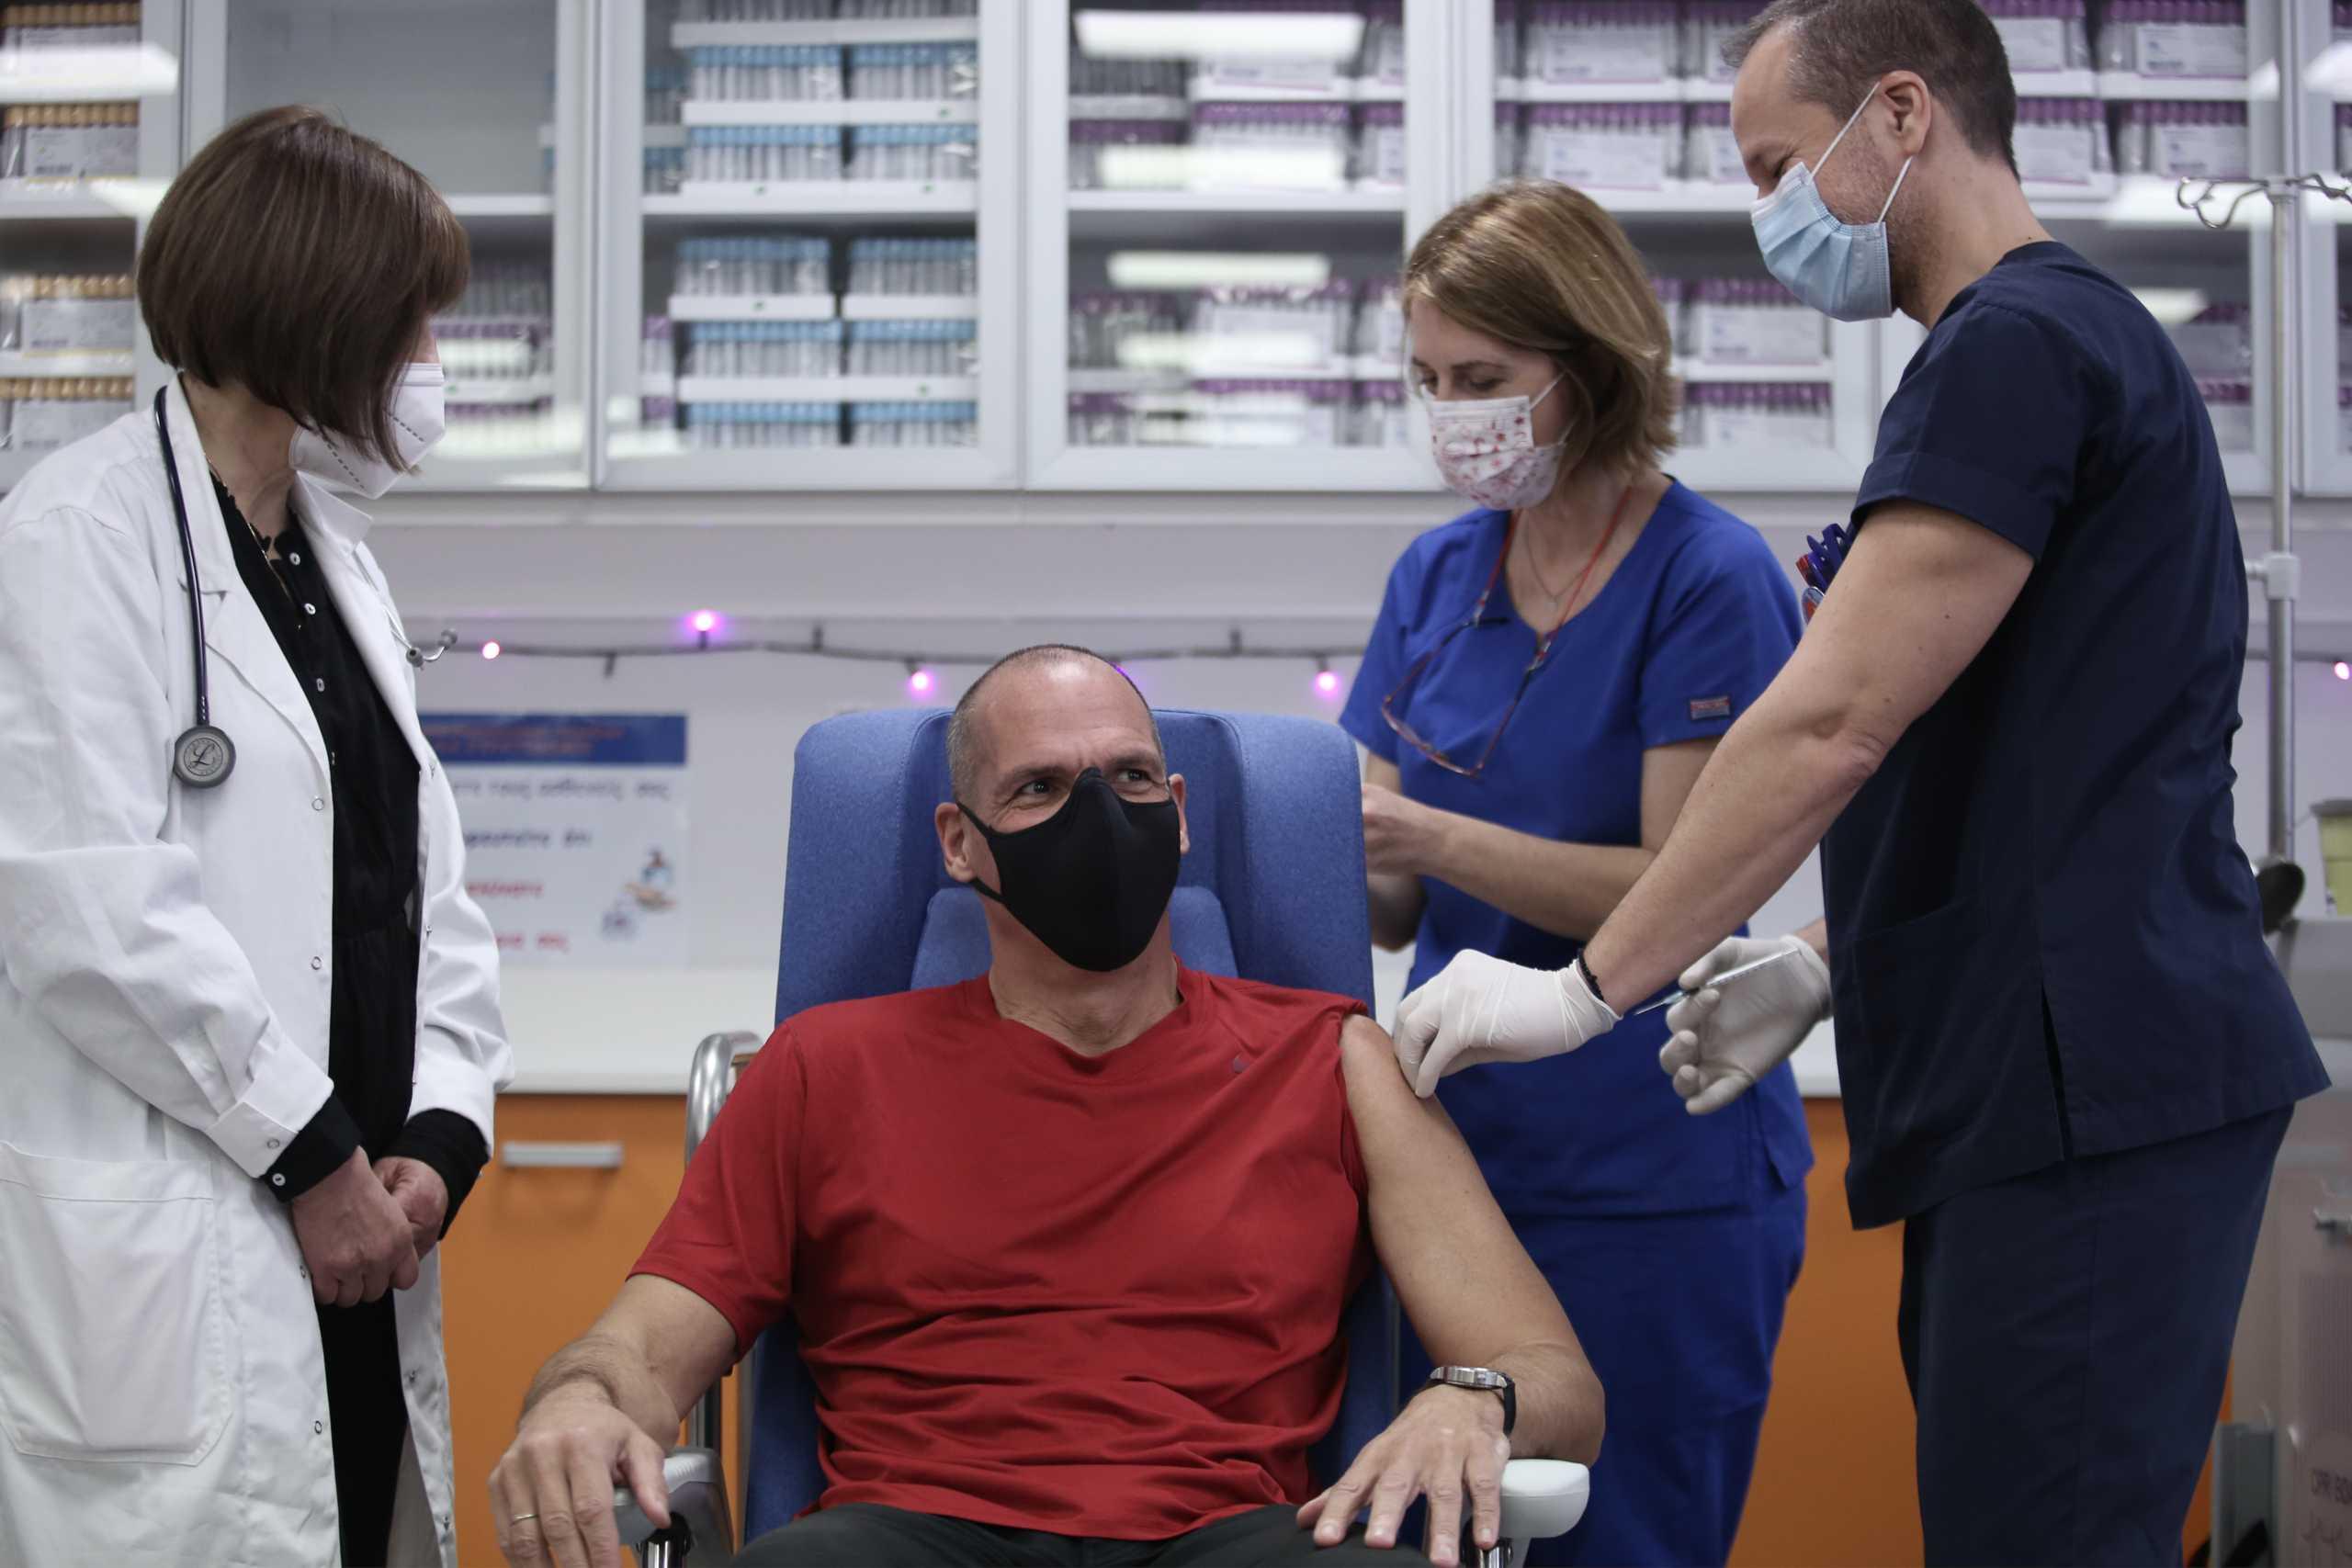 Κορονοϊός: Εμβολιάστηκε και ο Βαρουφάκης – «Το εμβόλιο είναι η ορθή ατομική επιλογή» (pics, vid)